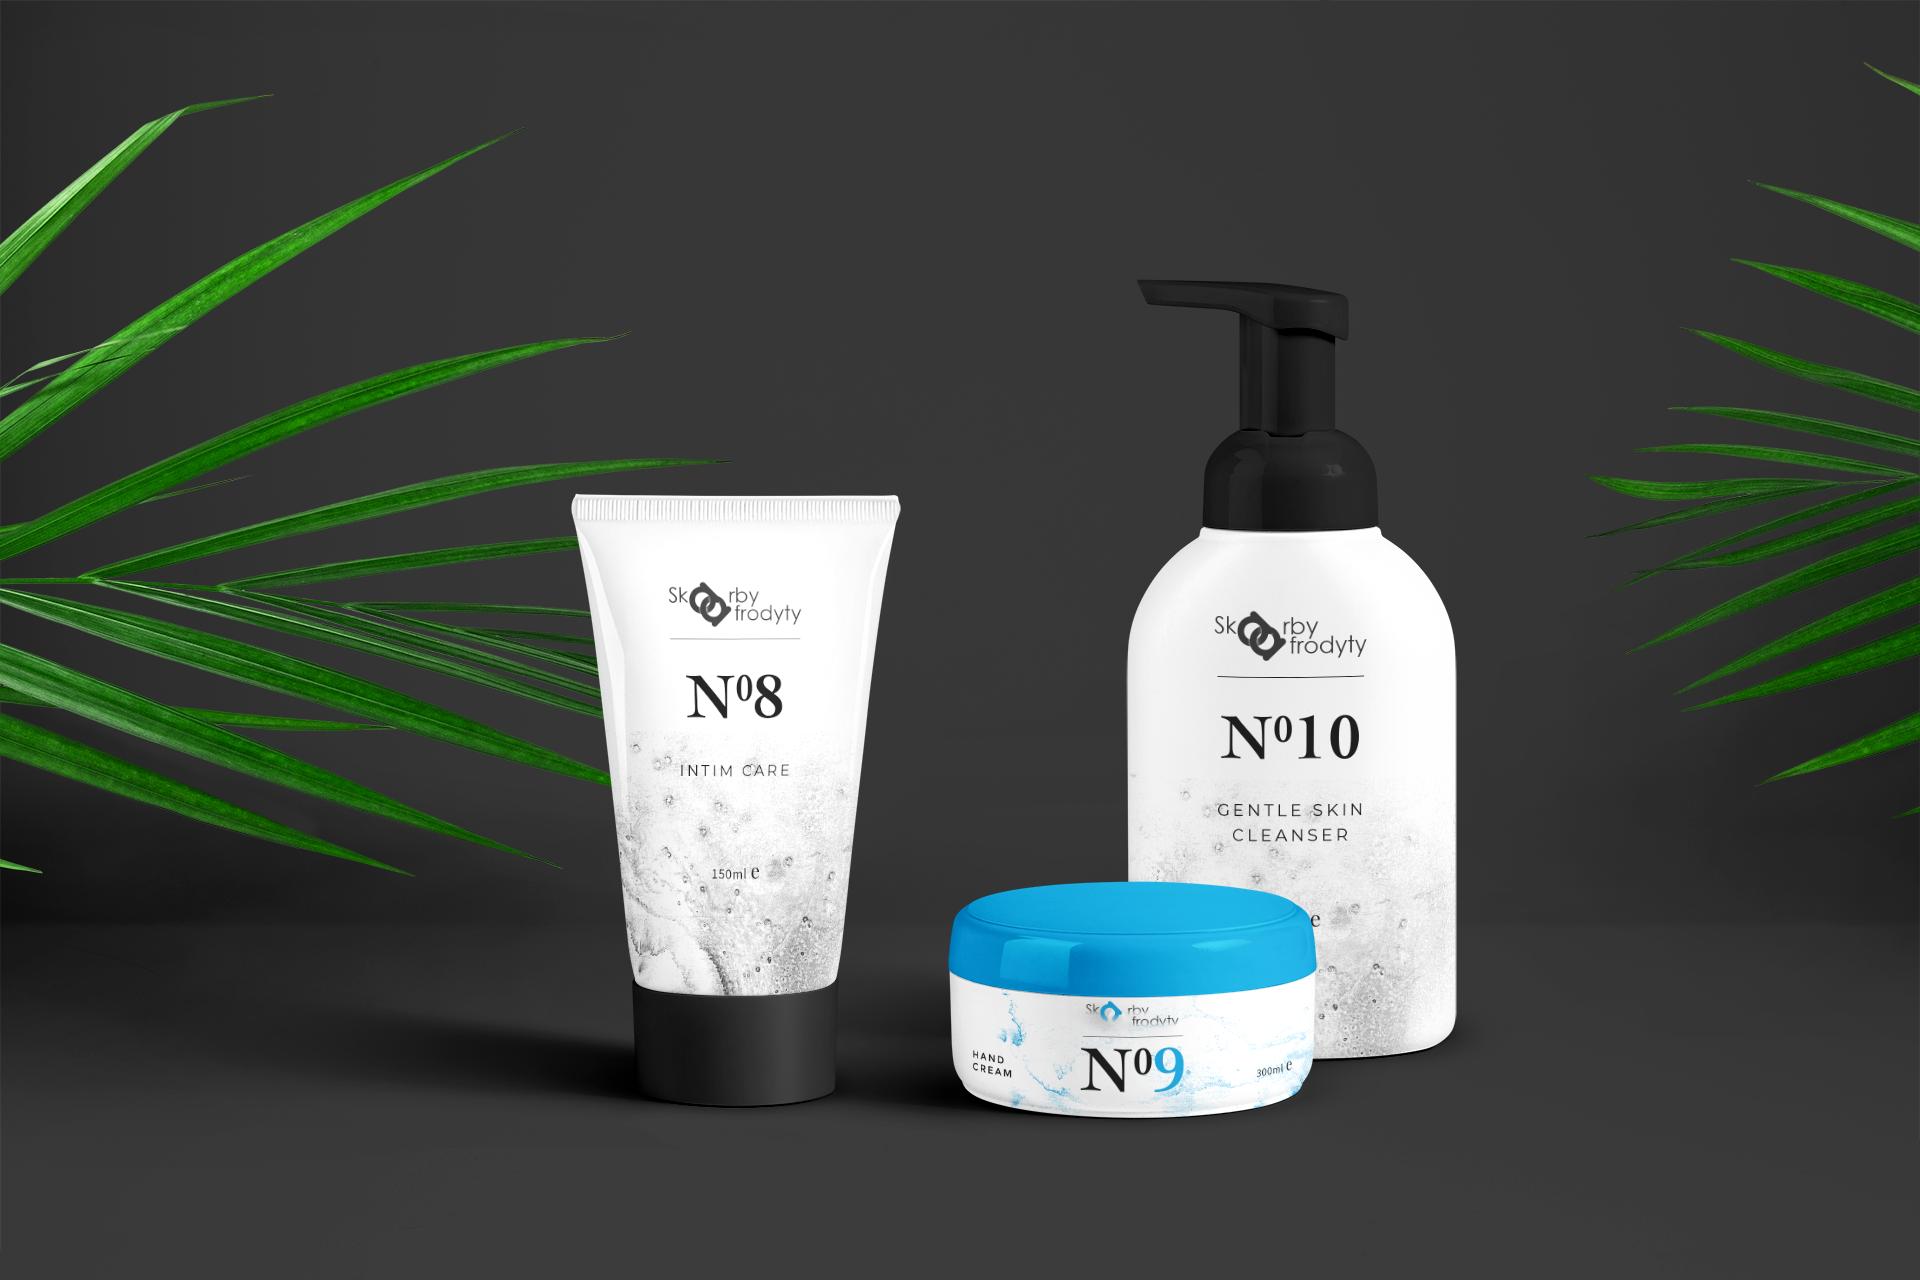 projekt graficzny opakowań kosmetyka